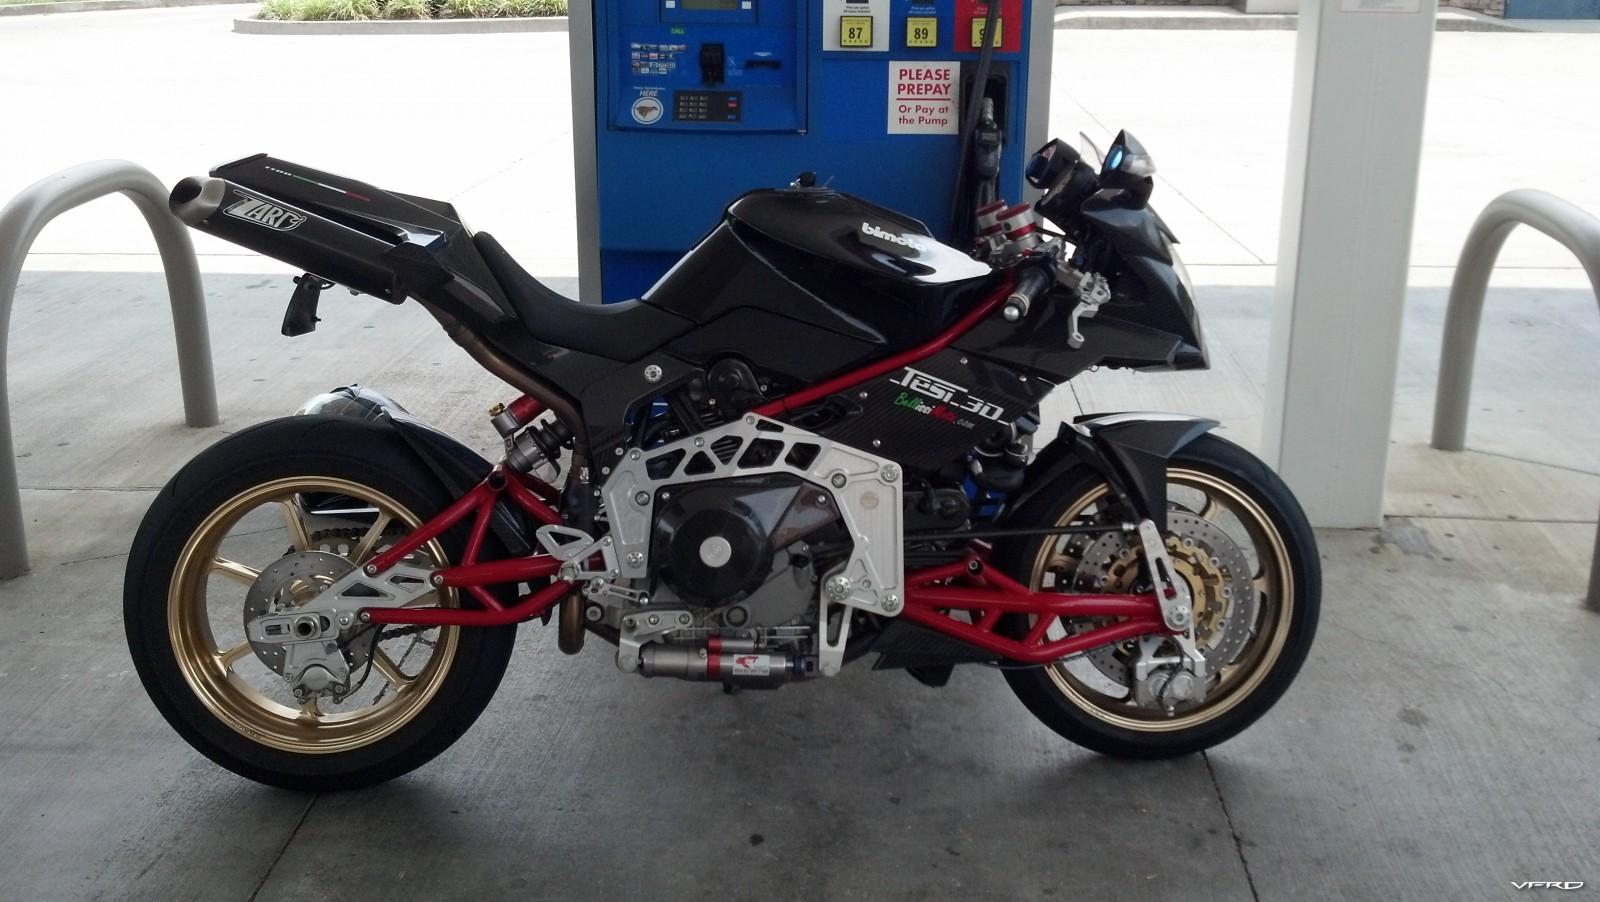 Nice bike not so nice owner